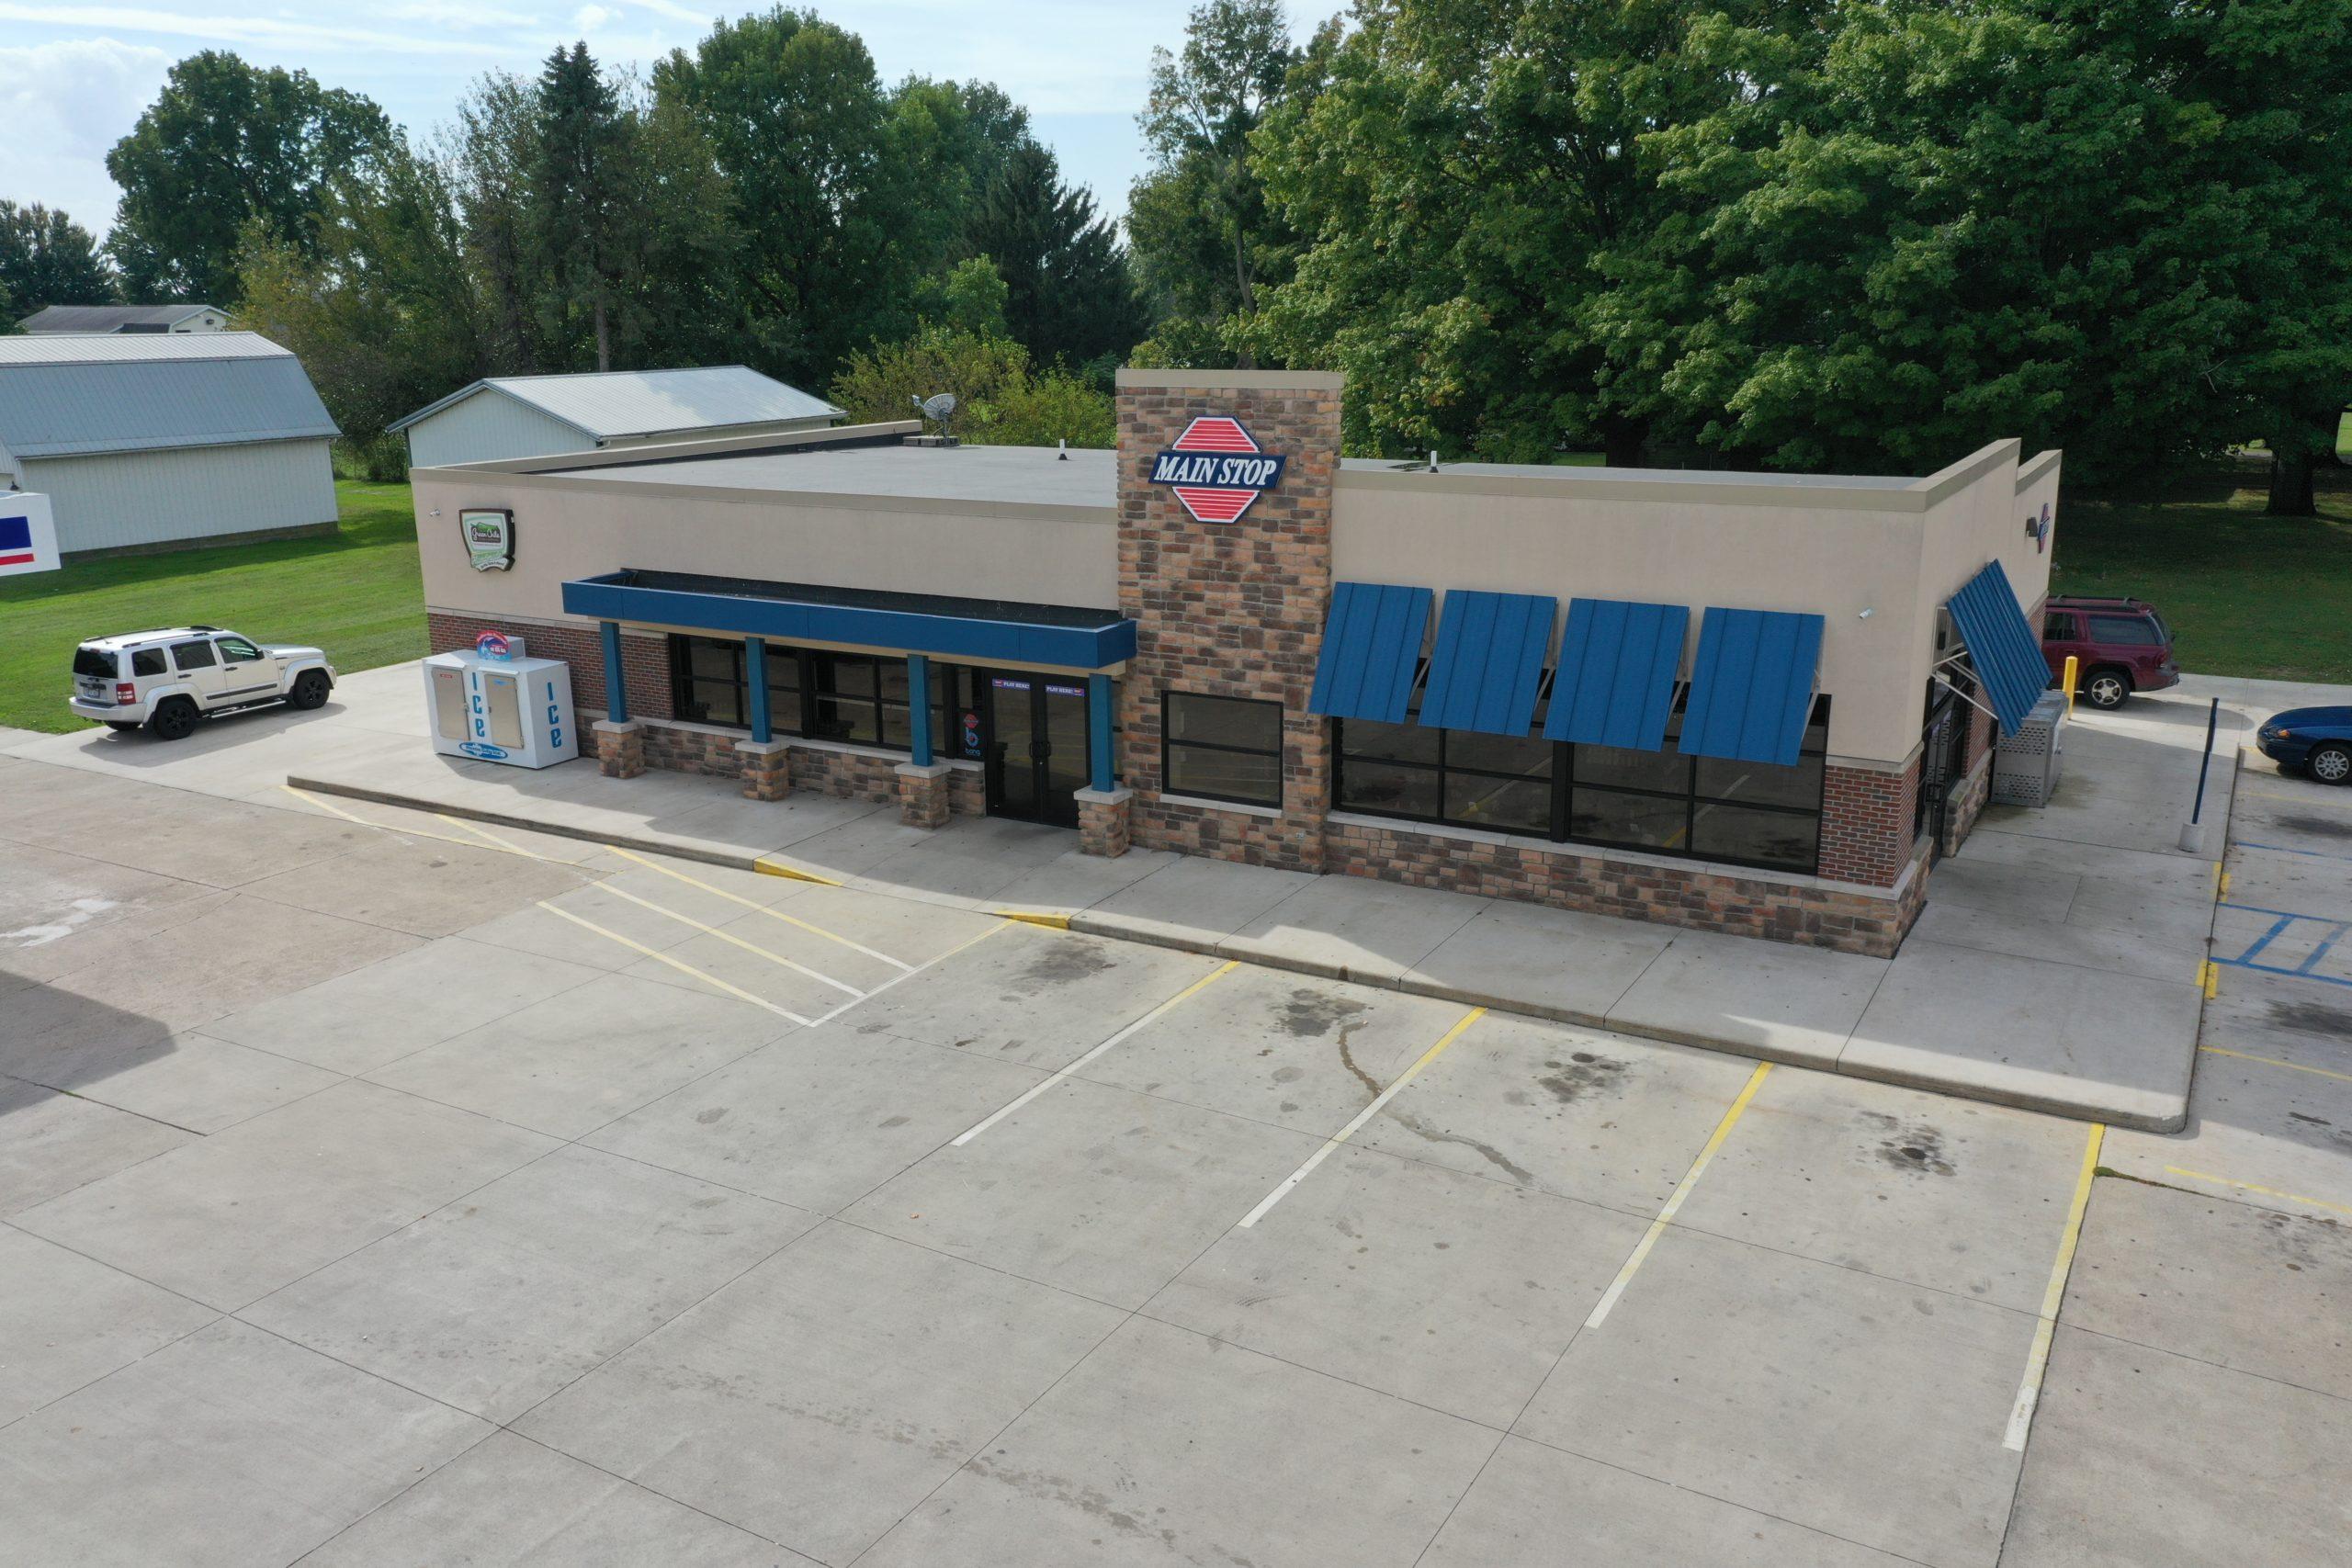 Main Stop – Stryker, Ohio